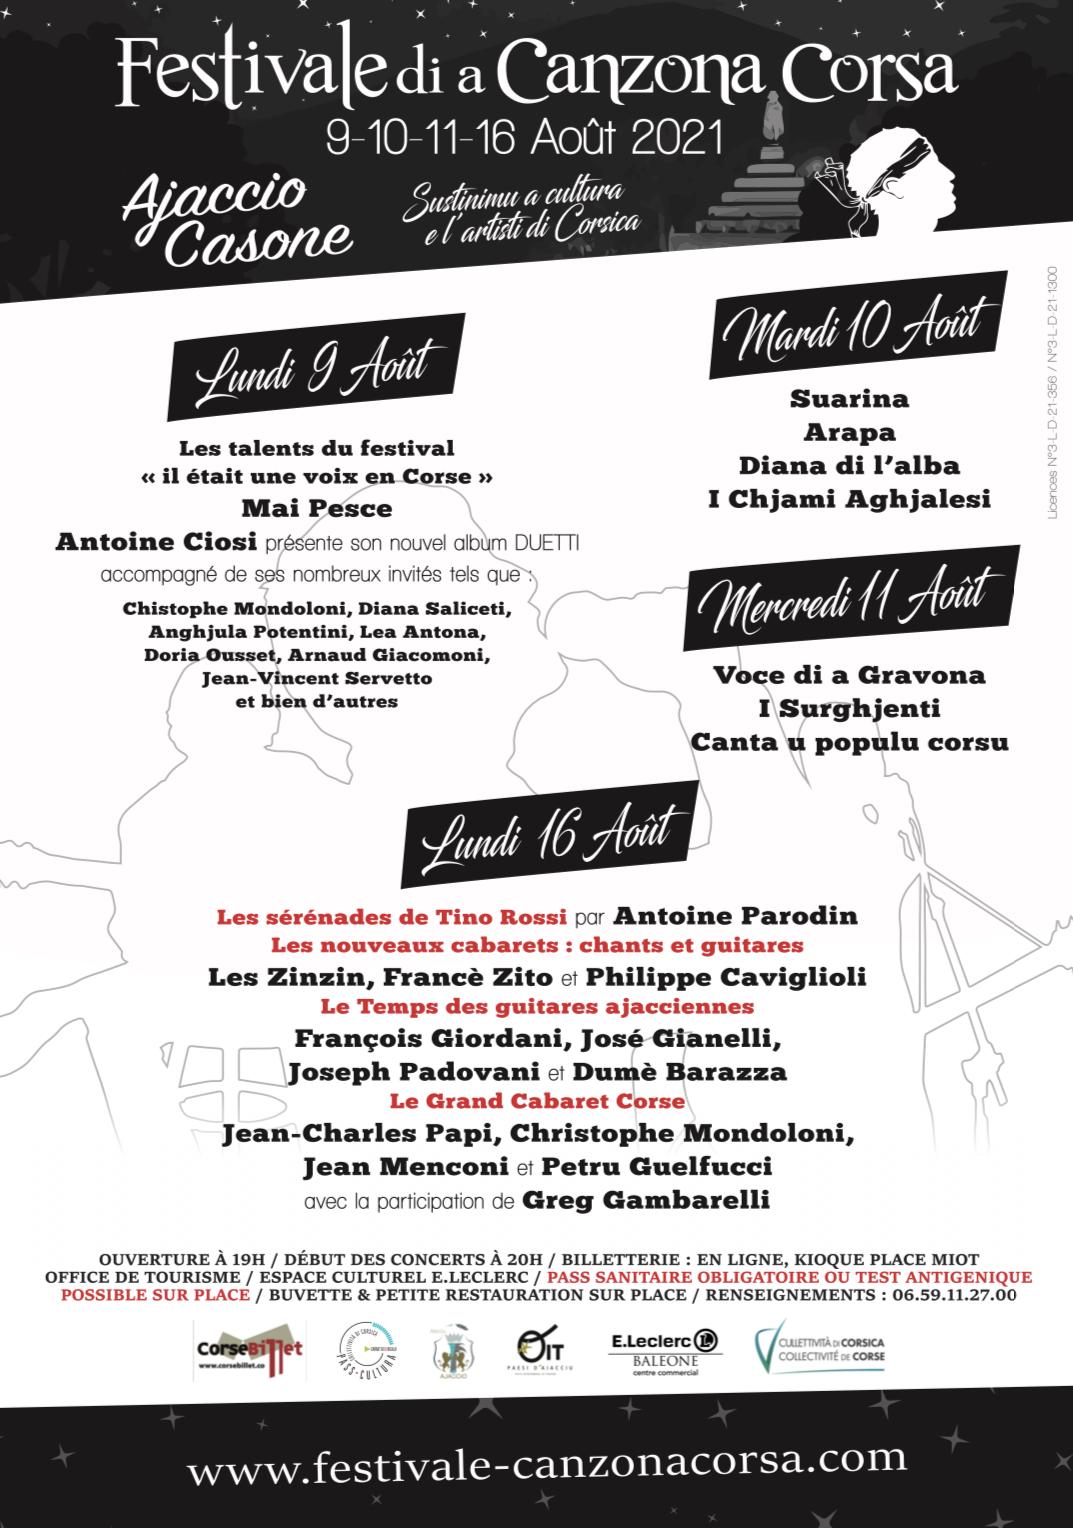 Ajaccio : une belle affiche pour la première édition du Festivale di a Canzona Corsa